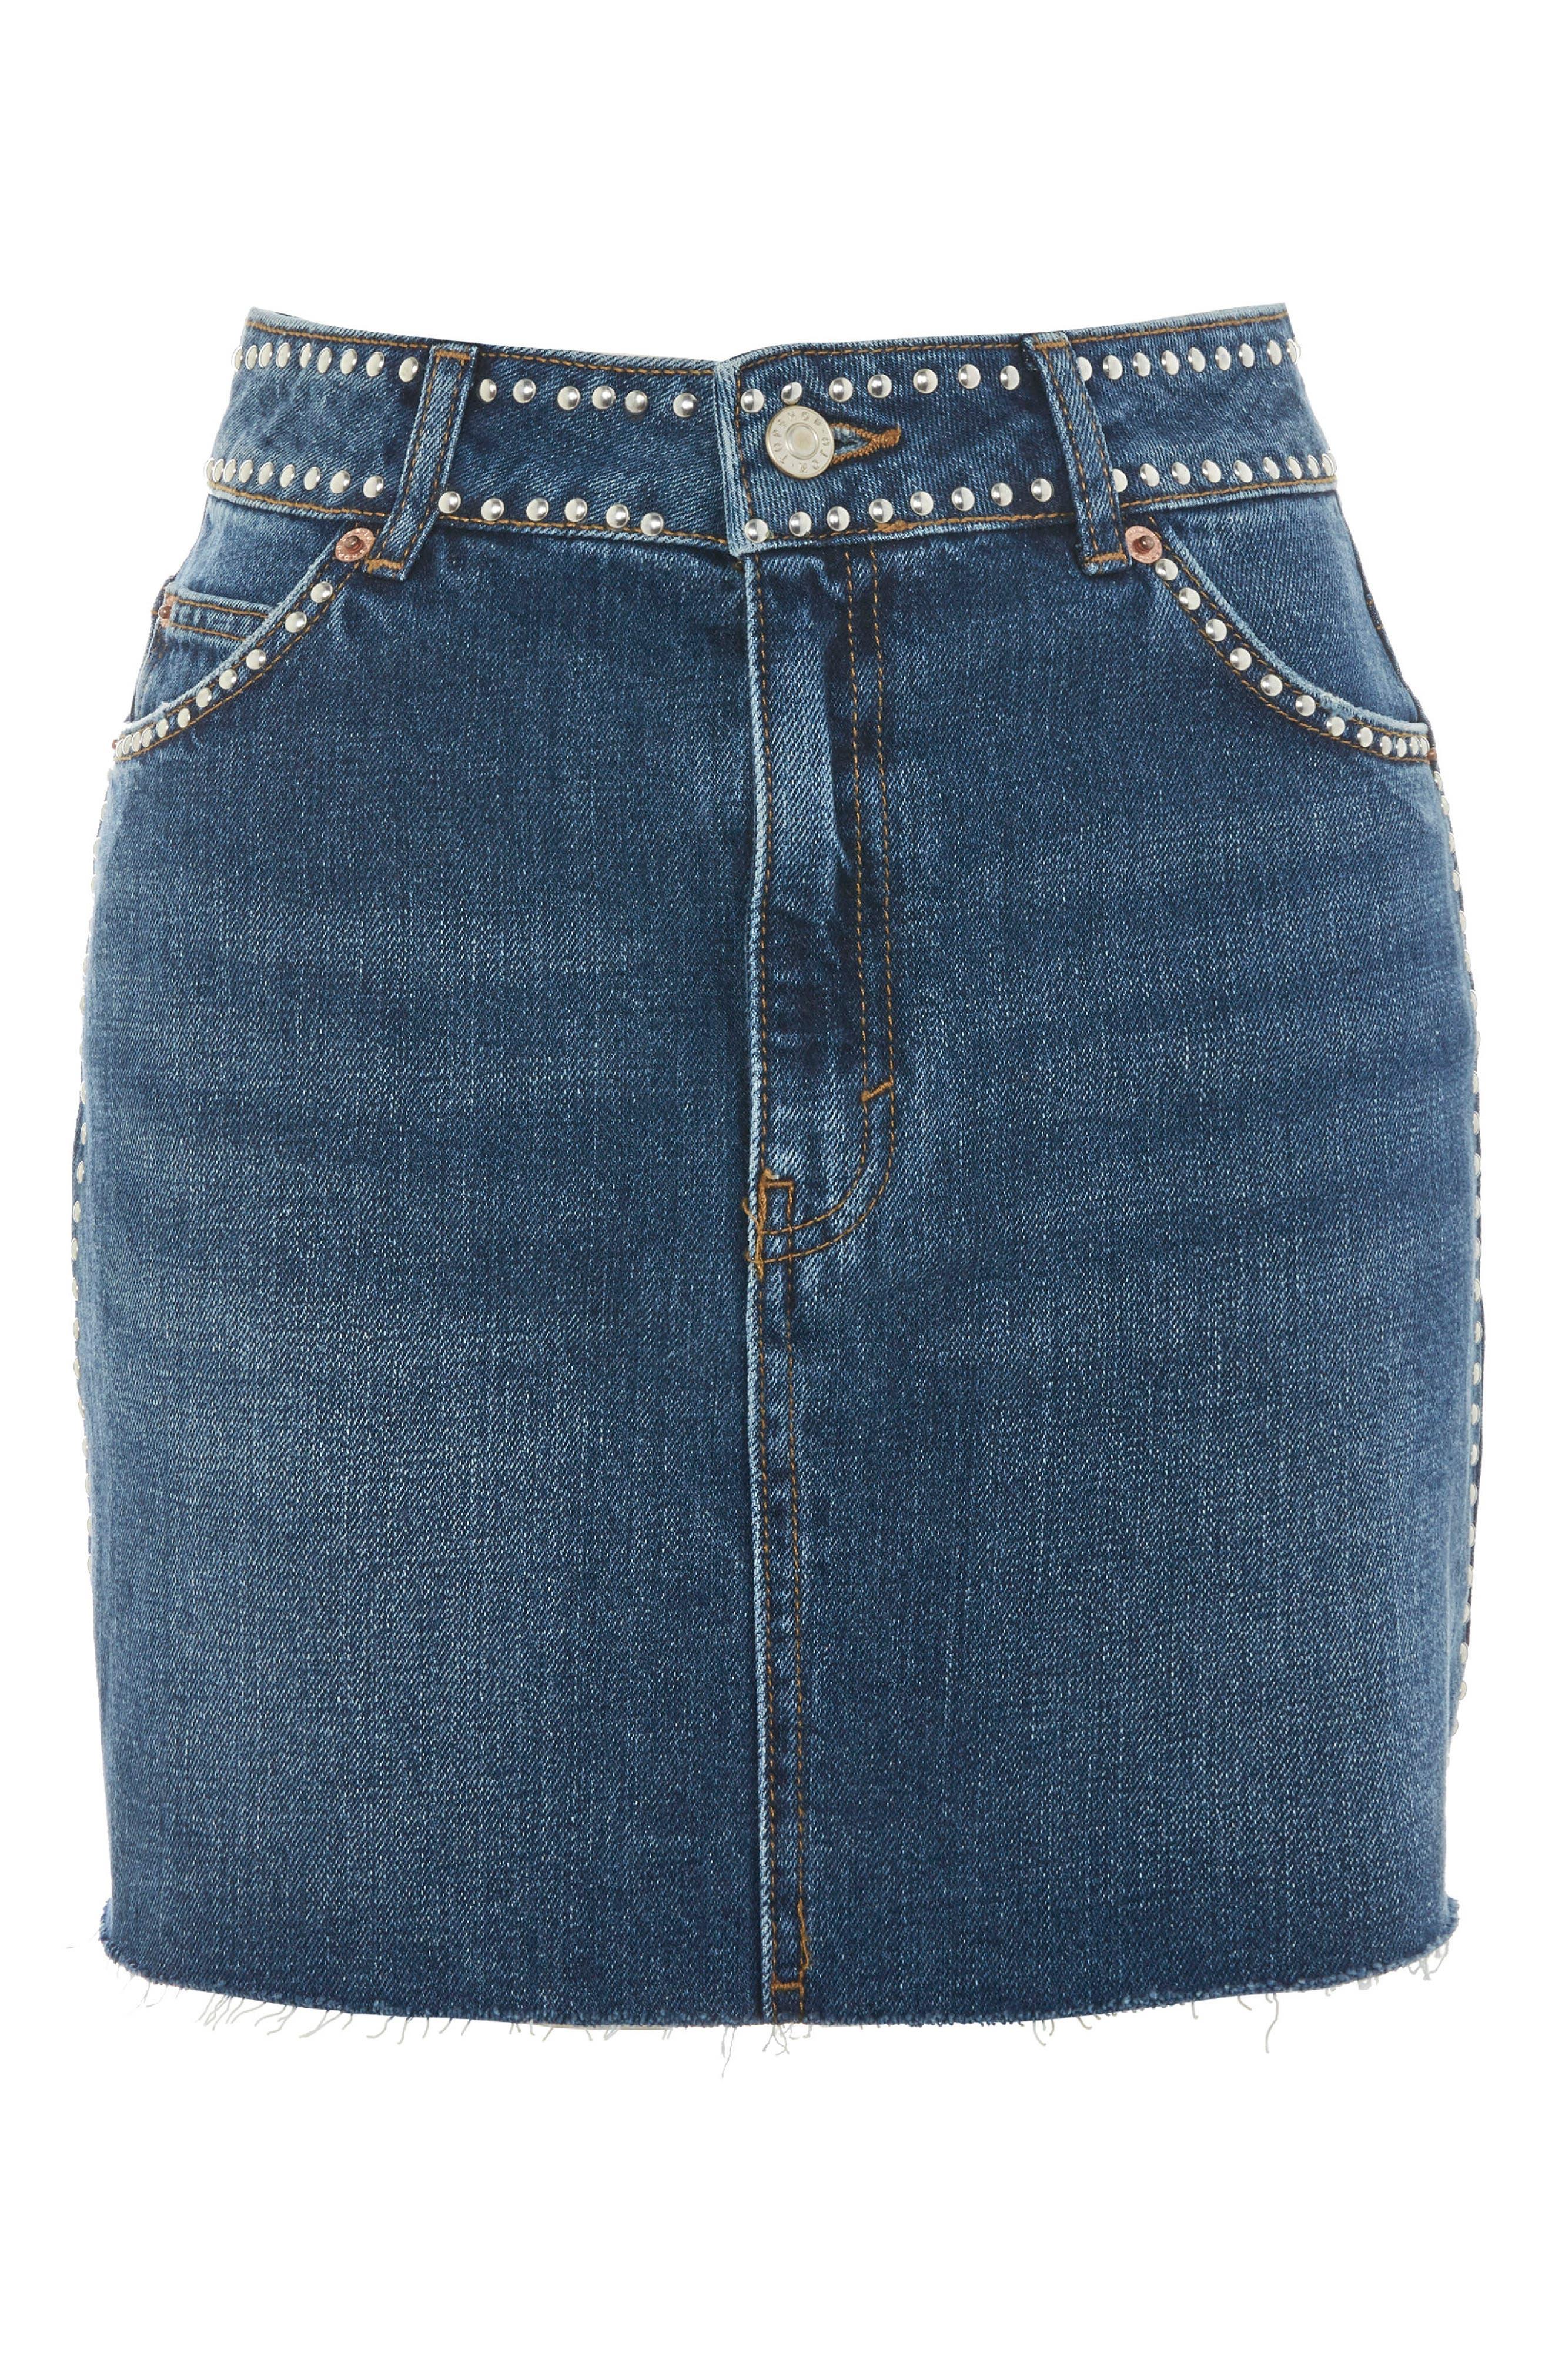 Studded Denim Skirt,                             Alternate thumbnail 4, color,                             Mid Denim